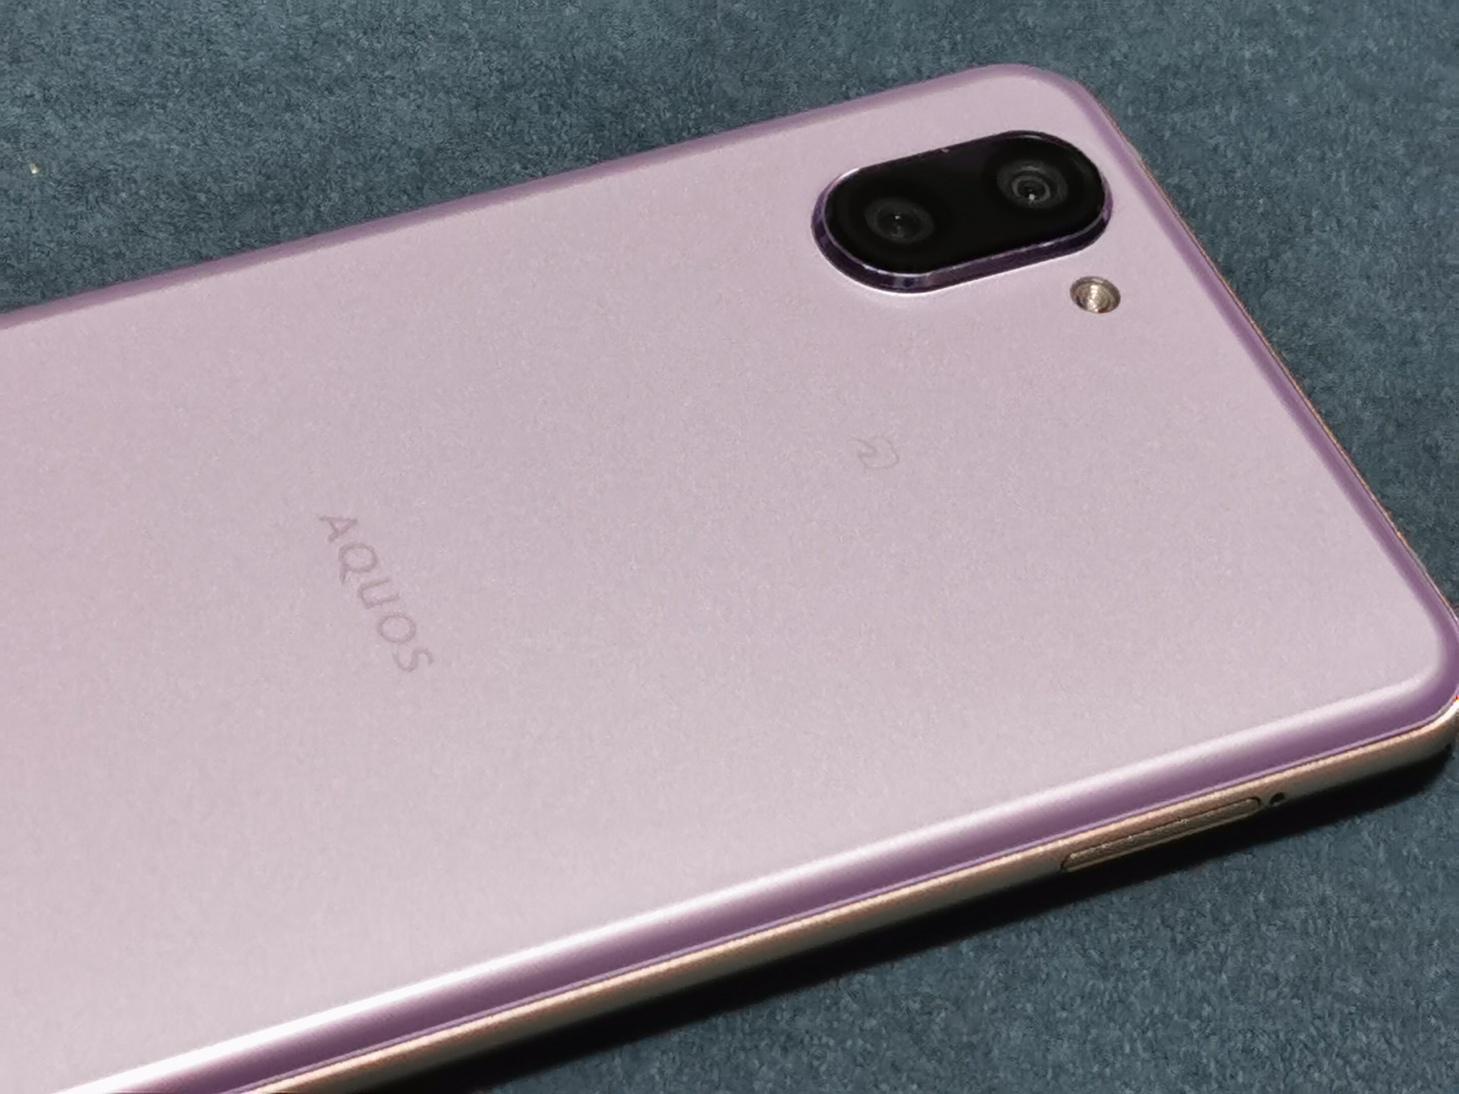 AQUOS R3(SHV44/SH-04L)購入直後のカメラ性能・写真をチェックしてみる R2やGalaxy S10との比較も